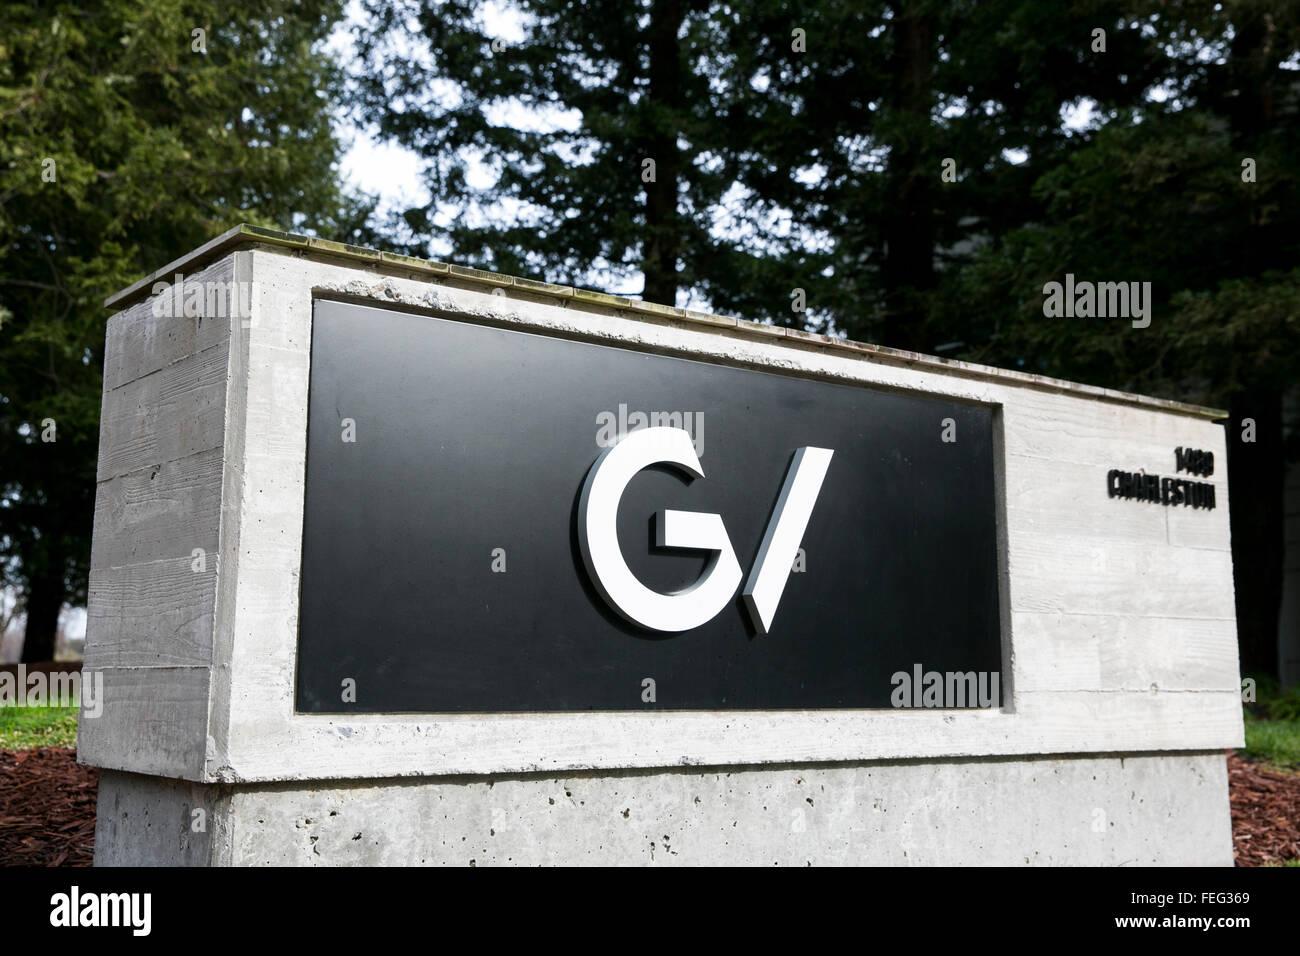 Un logo affiche à l'extérieur du siège de GV, également connu sous le nom de Google Ventures Photo Stock